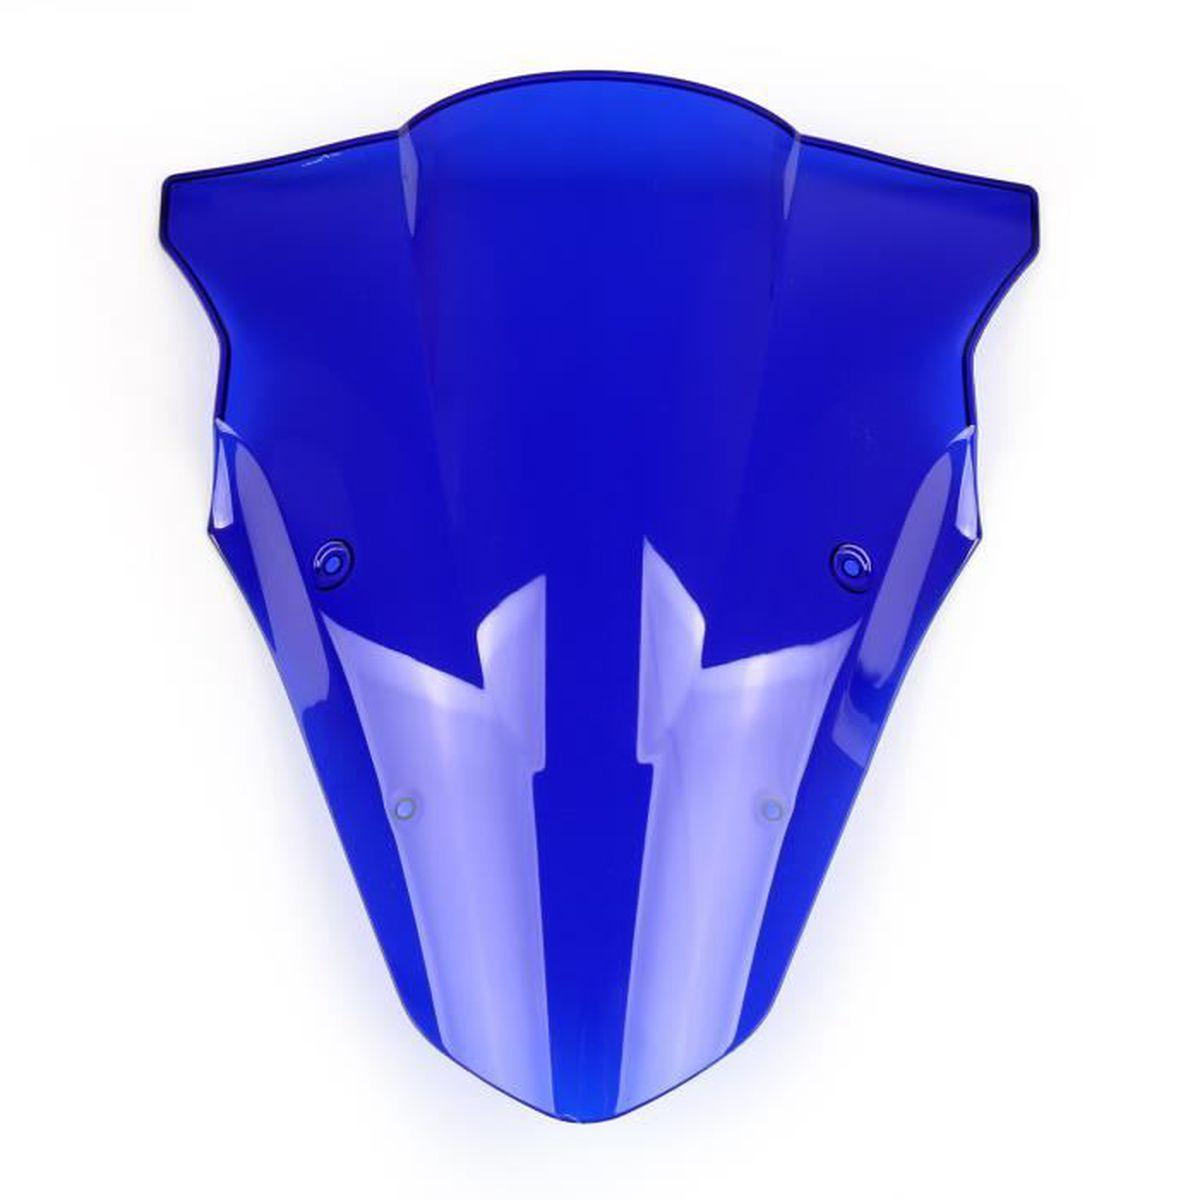 Areyourshop Pare-brise double bulle pour Aprilia RSV4 2009-2012